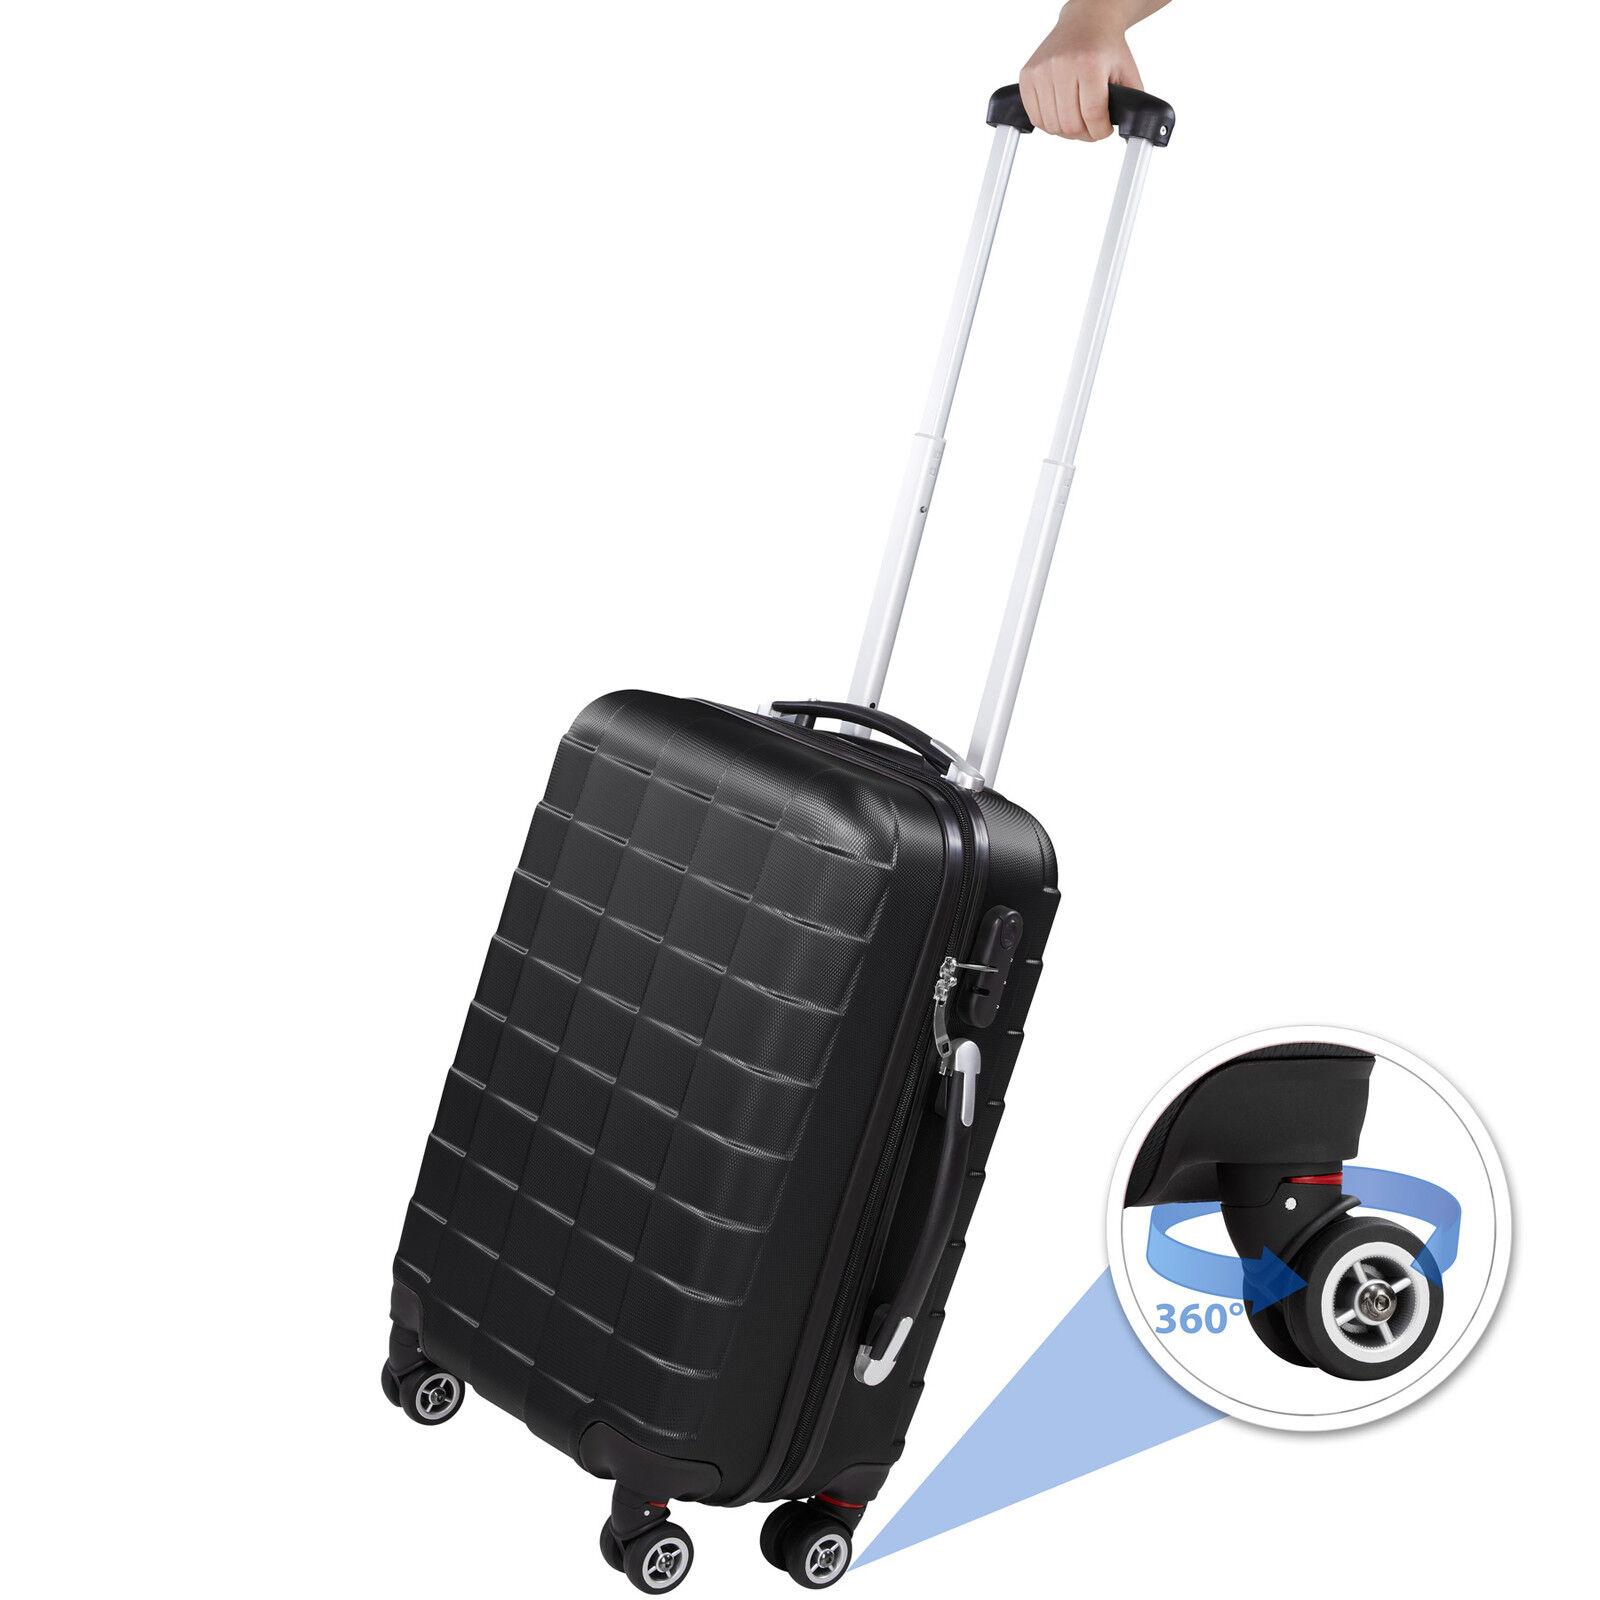 Set de 3 valises de voyage coque ABS léger rigide bagages valise trolley noir 1